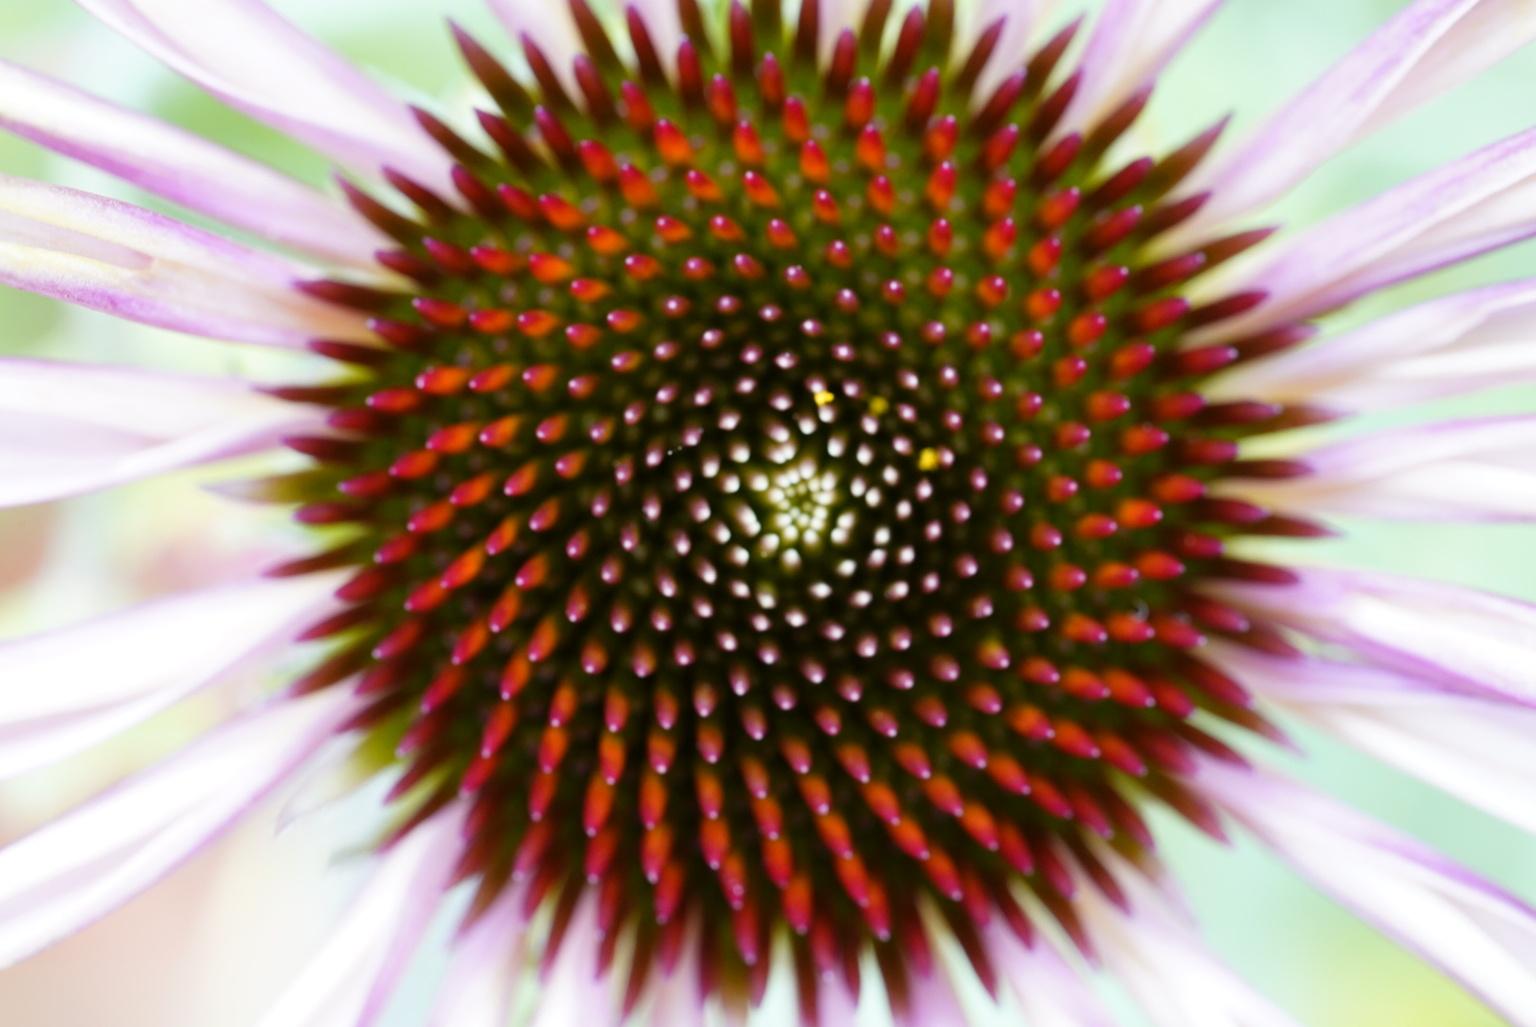 Echinacea  - Macro foto van het hart van deze bloem - foto door Frenk2021 op 16-04-2021 - locatie: Veldhoven, Nederland - deze foto bevat: echinacea, bloemen, macro, bloem, fabriek, bloemblaadje, terrestrische plant, kruidachtige plant, bloeiende plant, symmetrie, eenjarige plant, detailopname, daisy familie